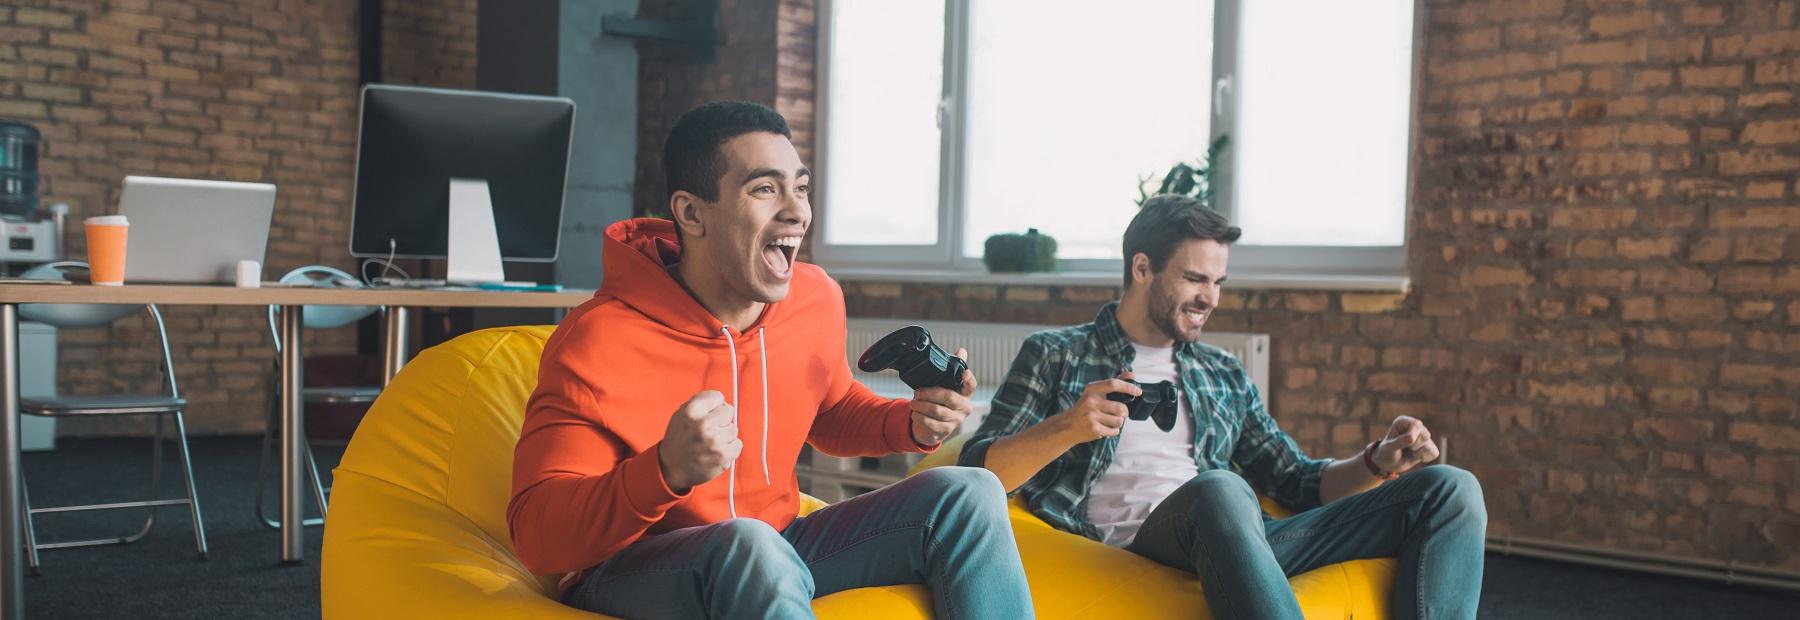 Xbox Game Pass : contacter le service client par téléphone